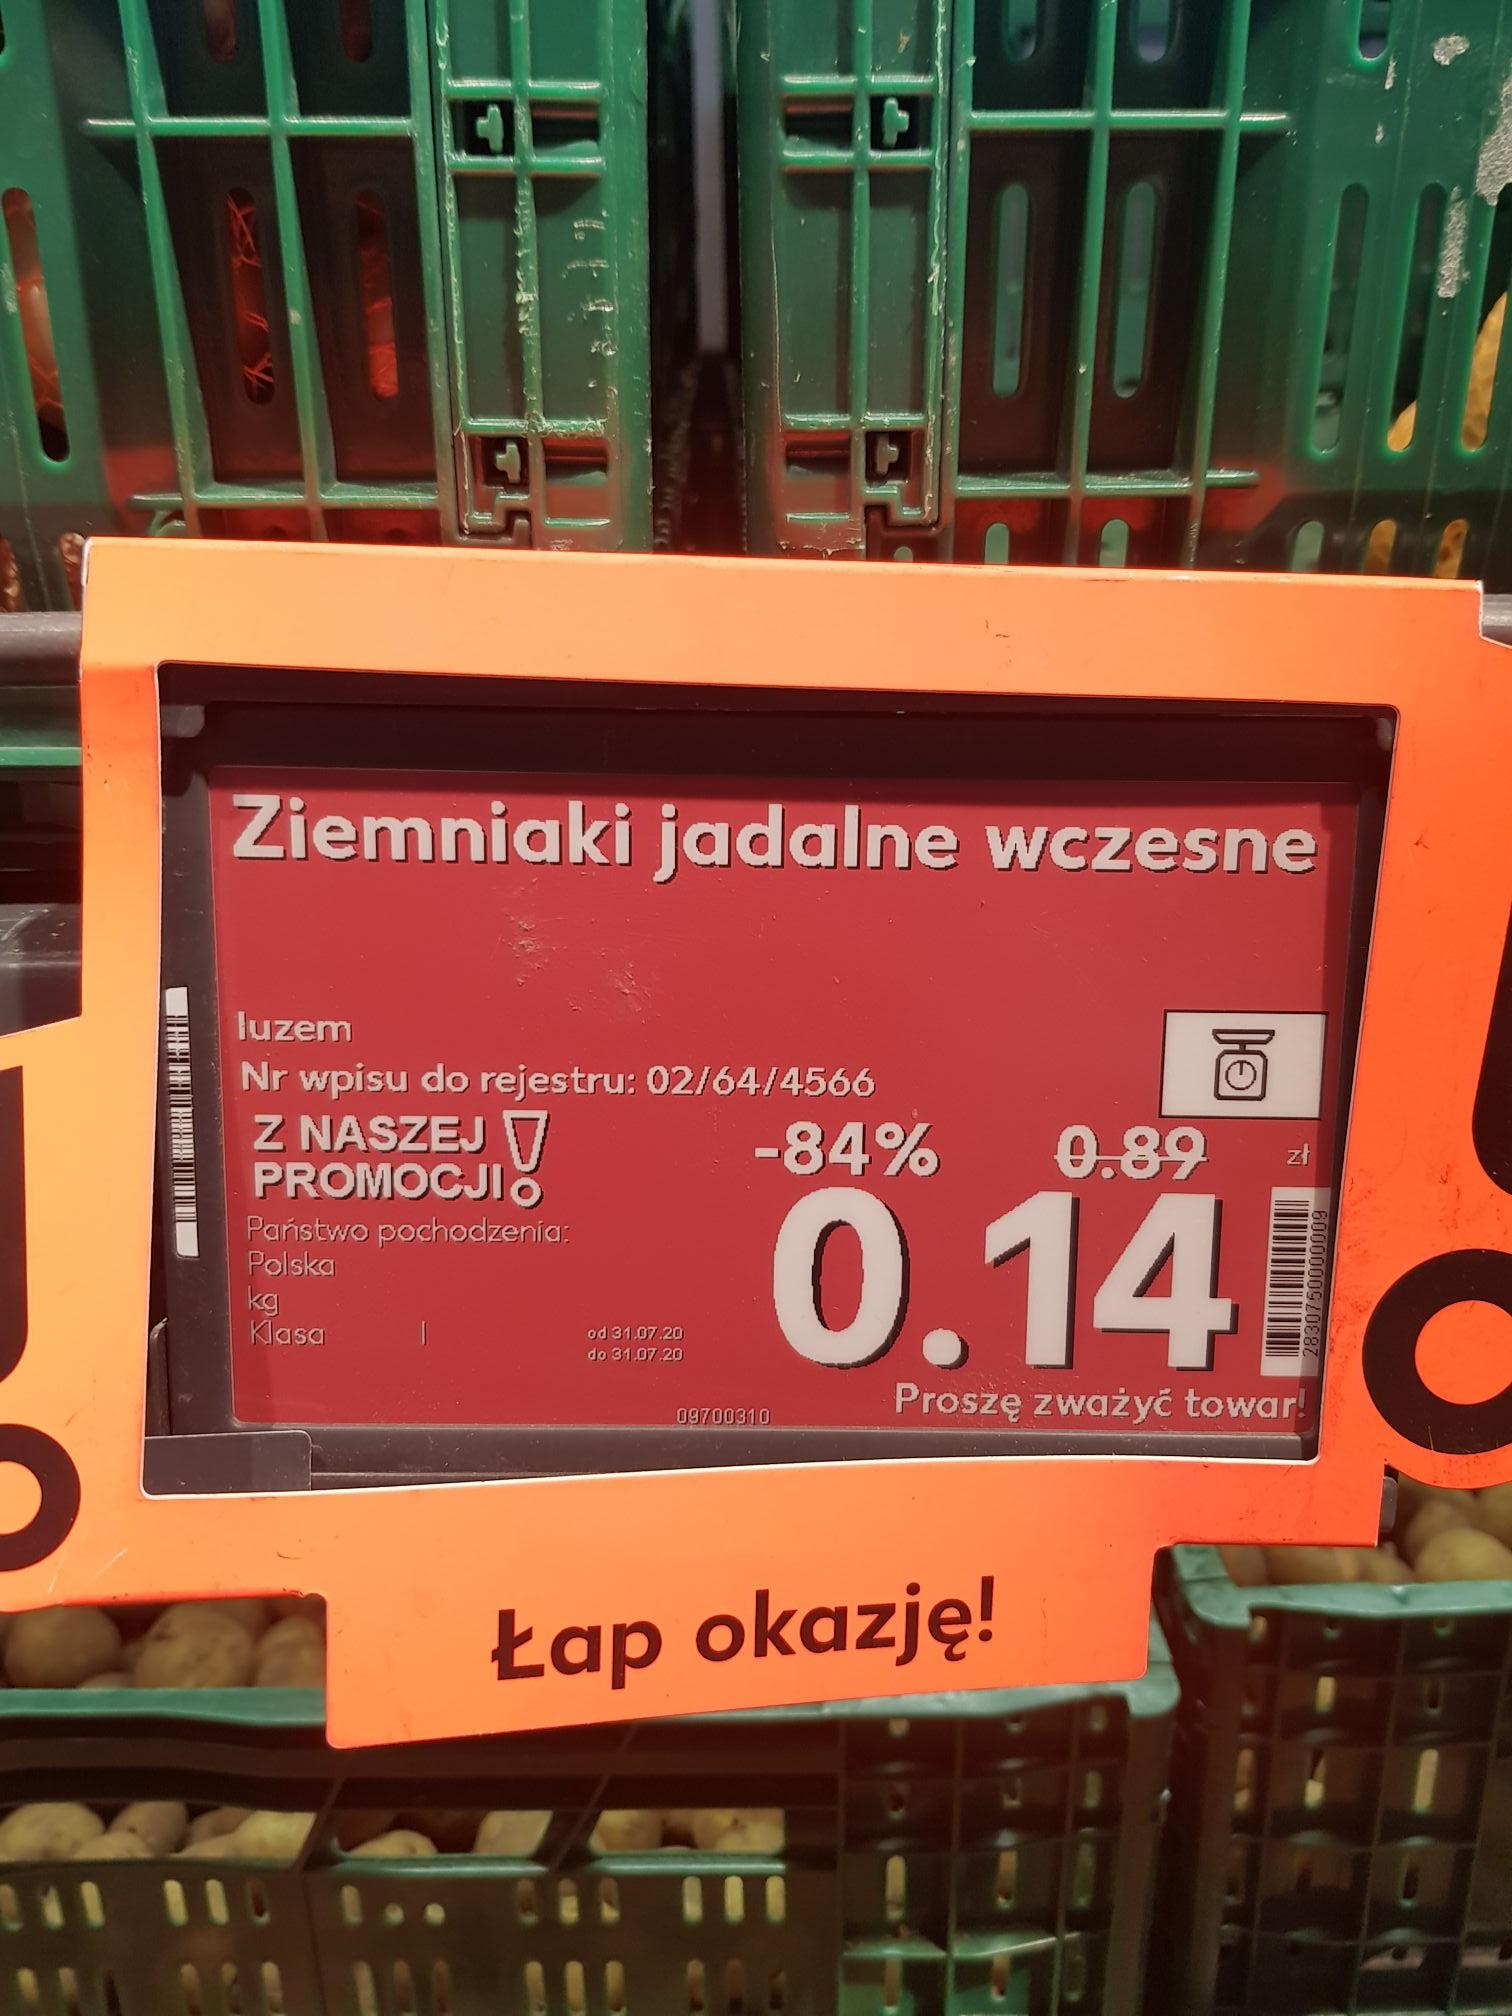 Ziemniaki jadalne wczesne Kaufland Bydgoszcz Fordon